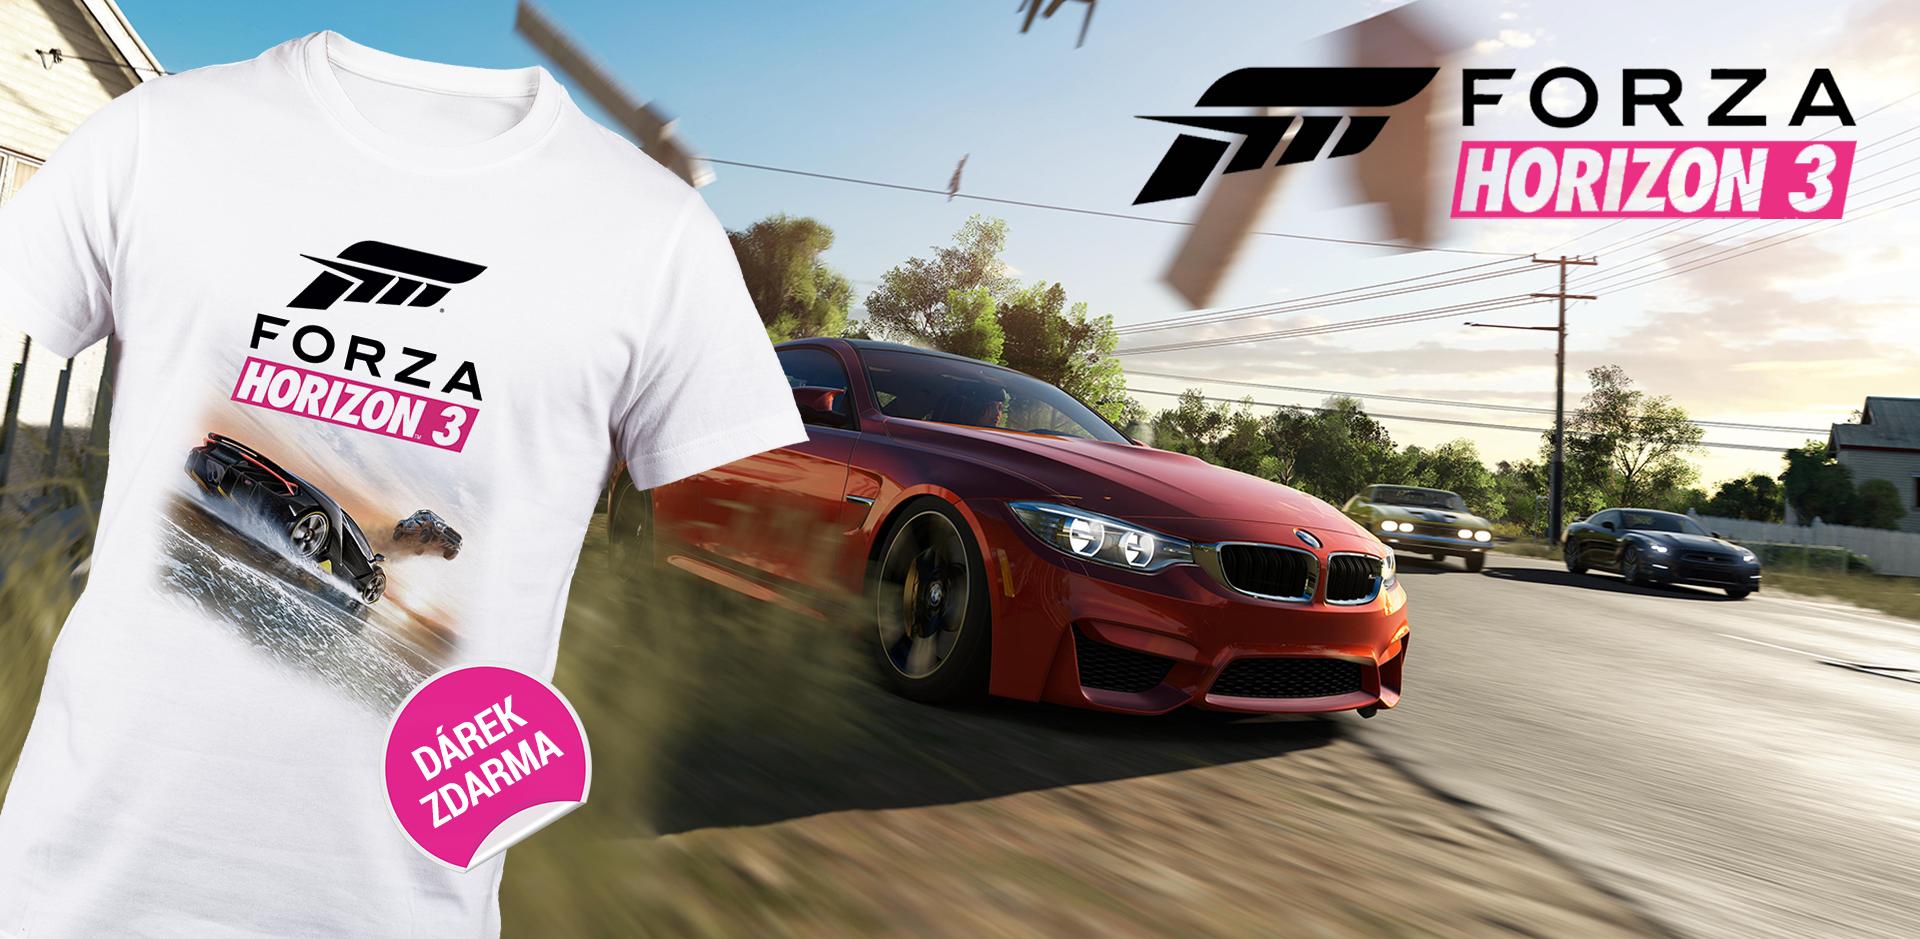 Získejte tričko k závodům Forza Horizon 3 129250